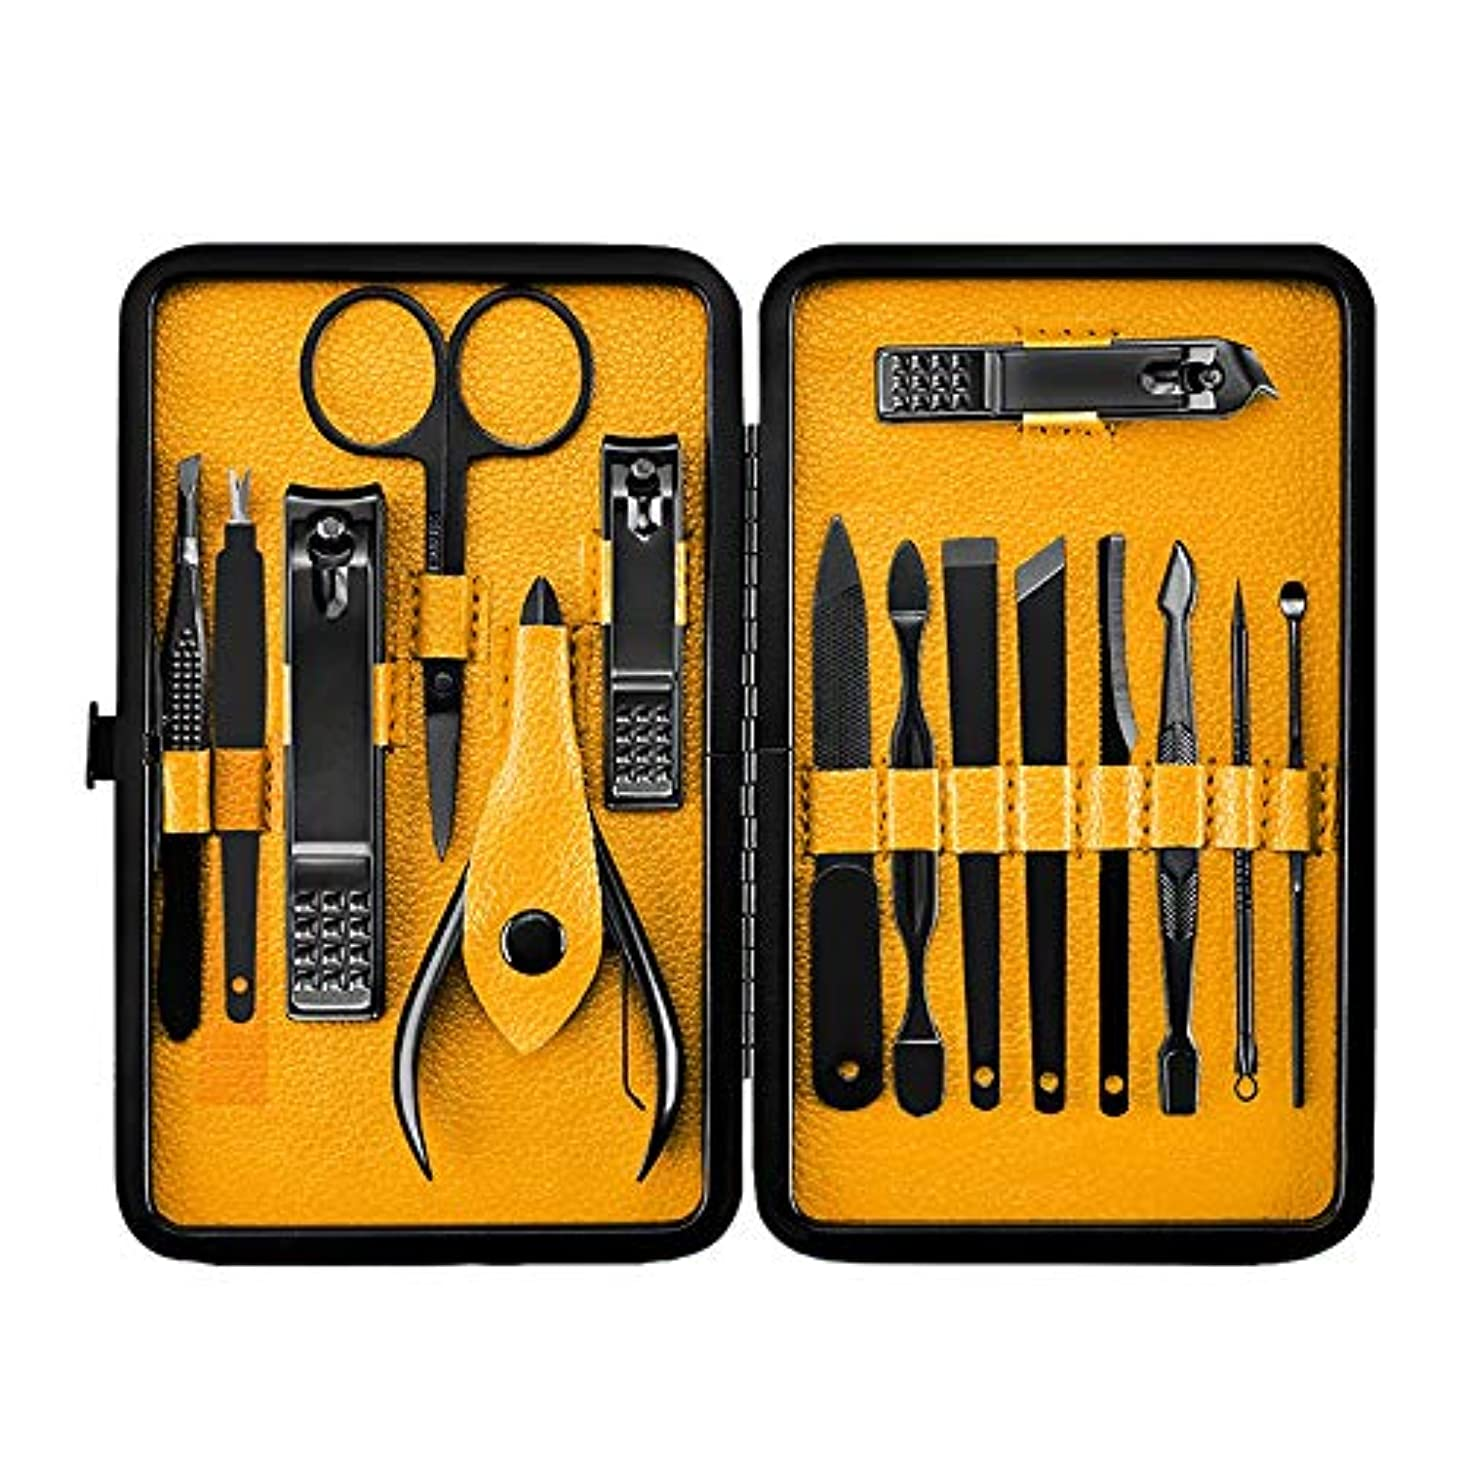 レキシコン寄付する繁栄CUHAWUDBA 15ピース、プロフェッショナル、マニキュア、ステンレス鋼製ネイルのクリッパー、爪切り、はさみのセット、キット、マニキュアのセット、ネイルのツール、ネイルアートのツール